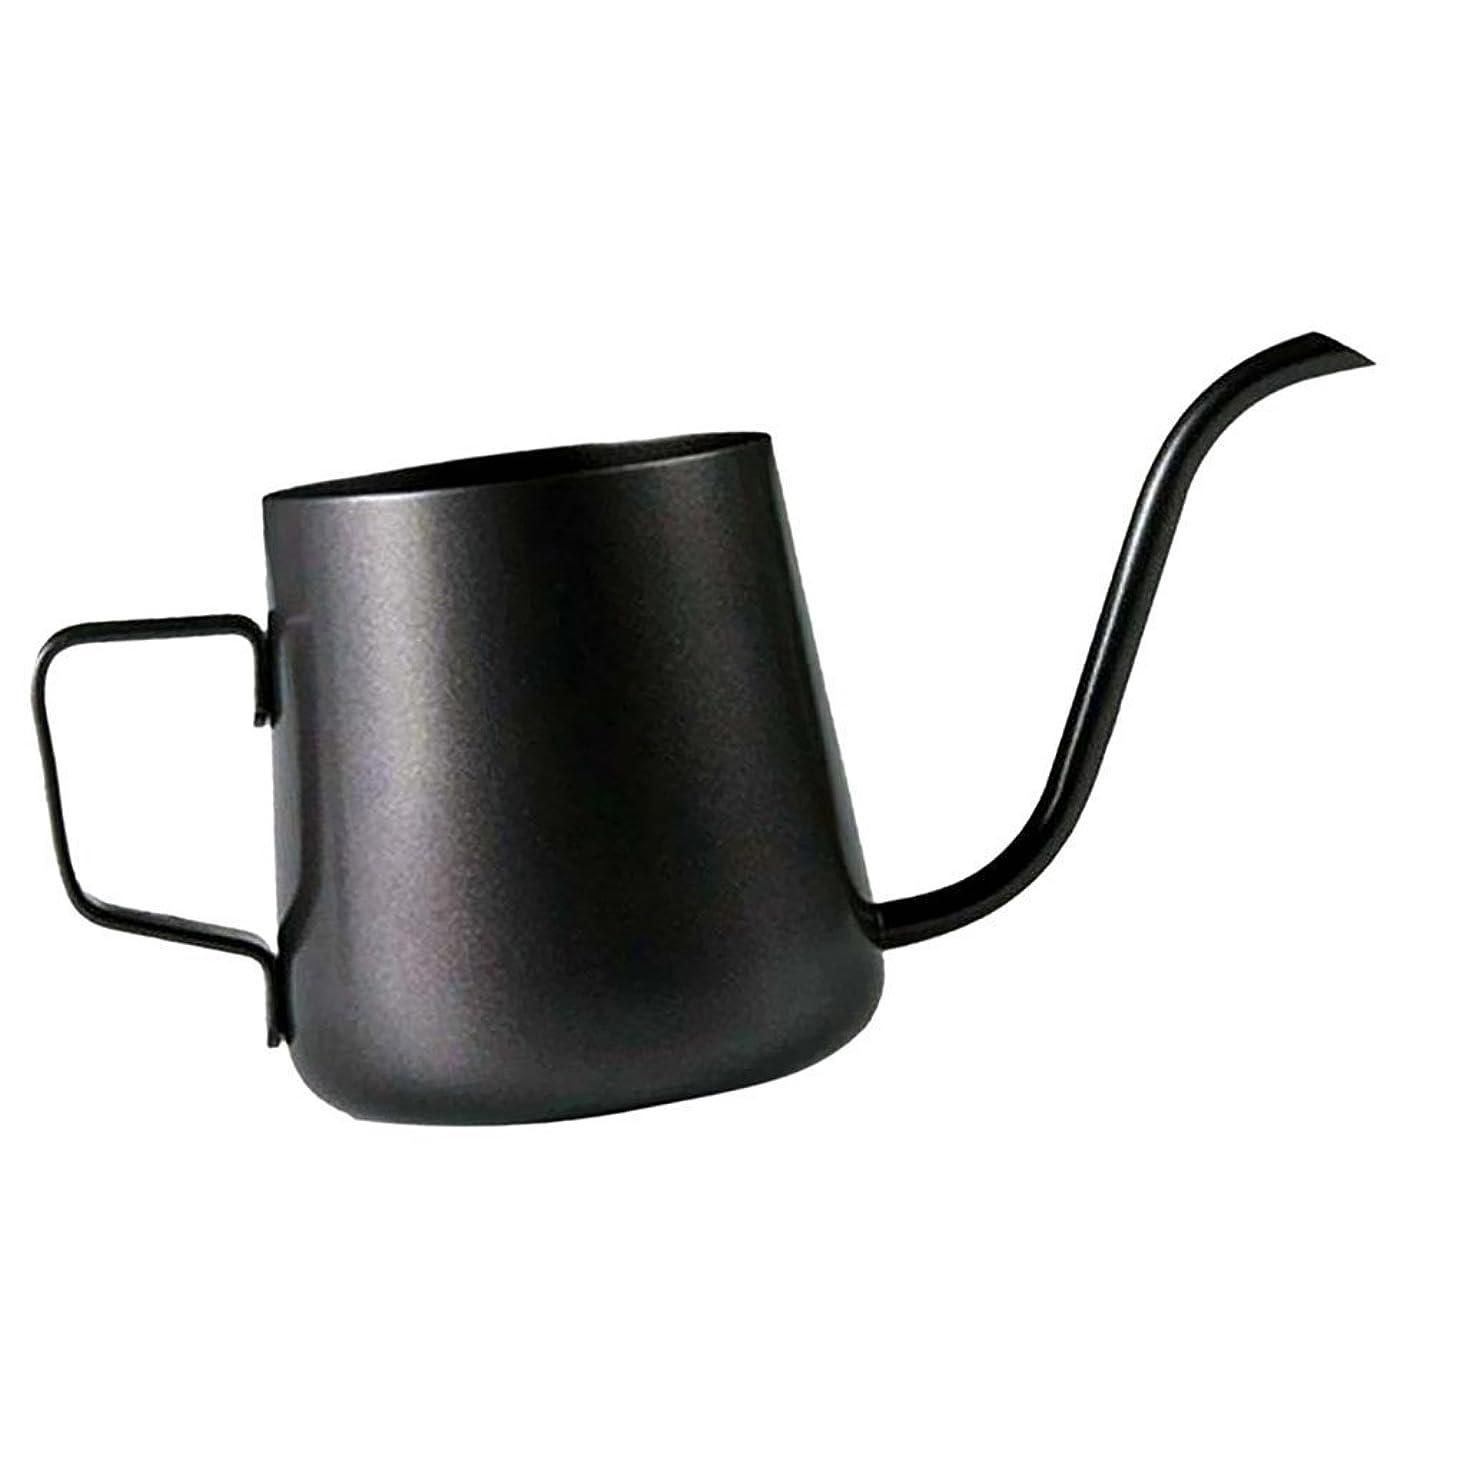 スティーブンソン亡命ハウスHomeland コーヒーポット お茶などにも対応 クッキング用品 ステンレス製 エスプレッソポット ケトル - ブラック, 250ミリリットル